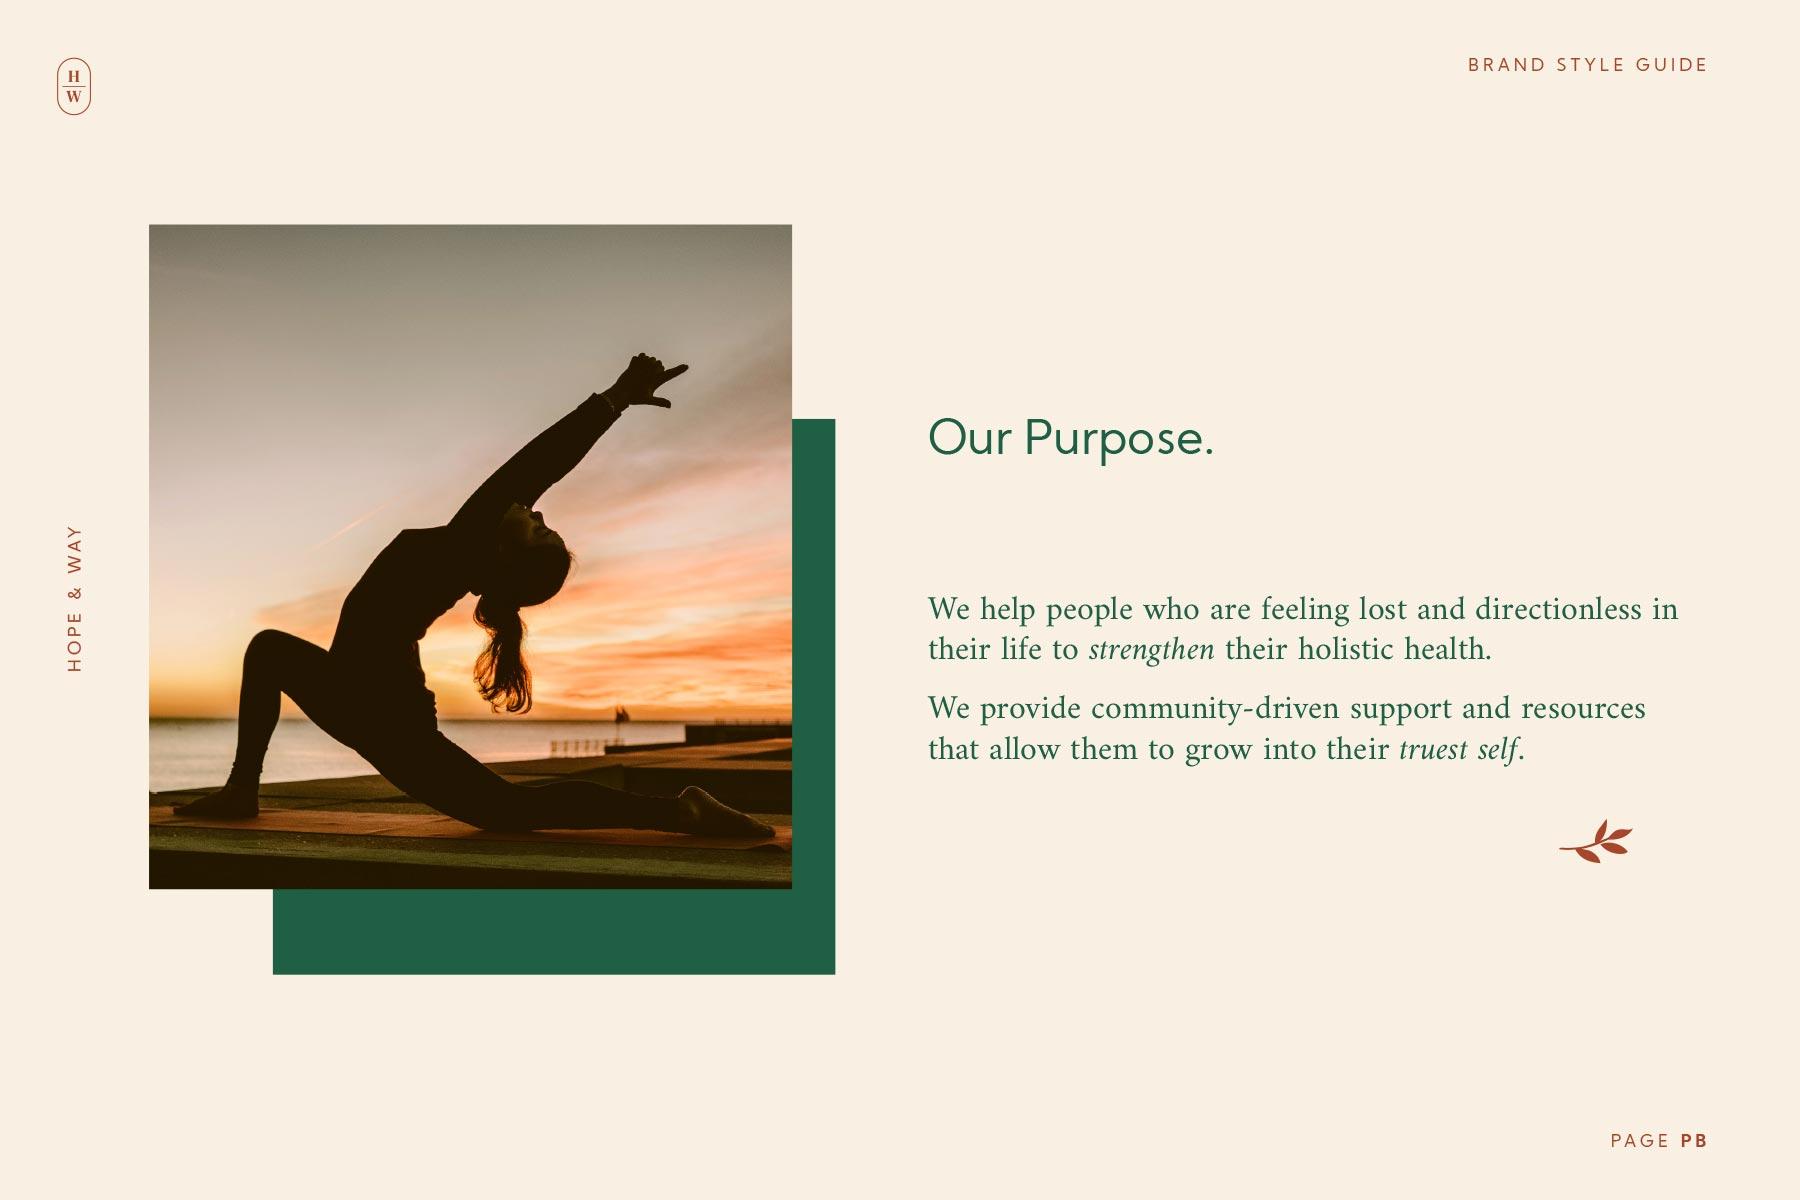 Holistic brand purpose